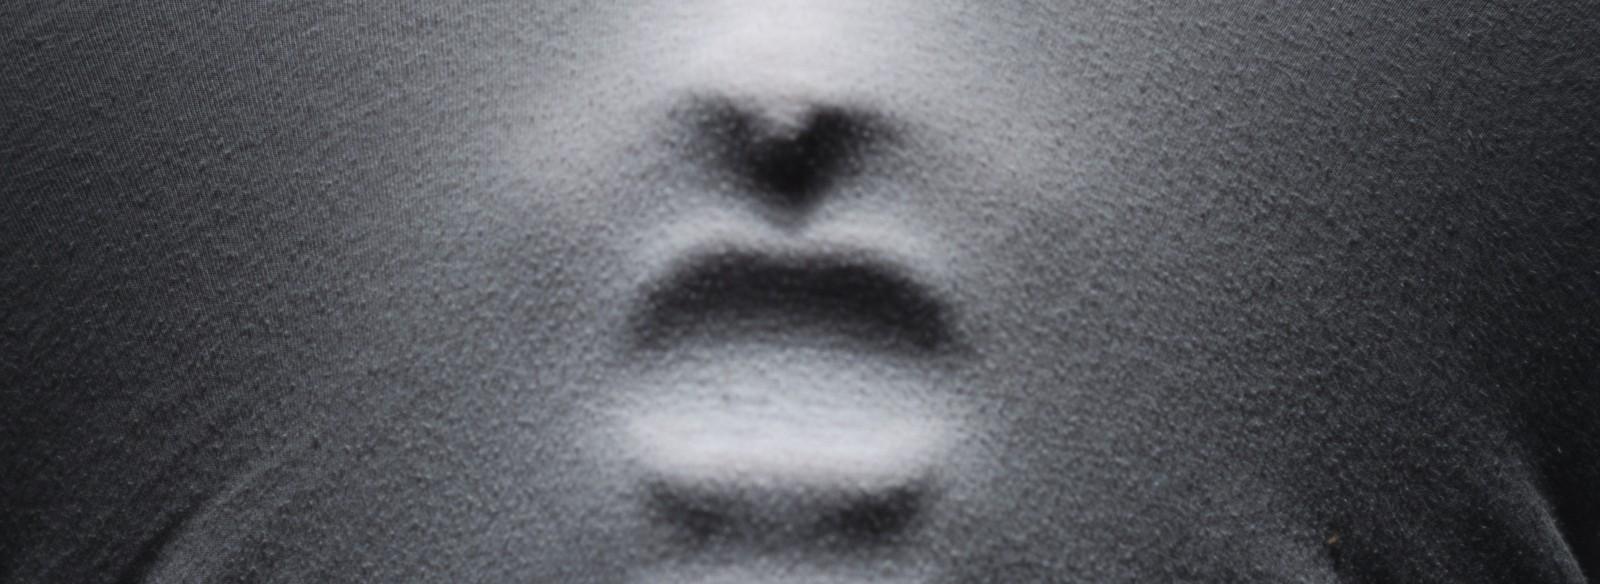 Weiß schaumig auswurf husten Bei Husten